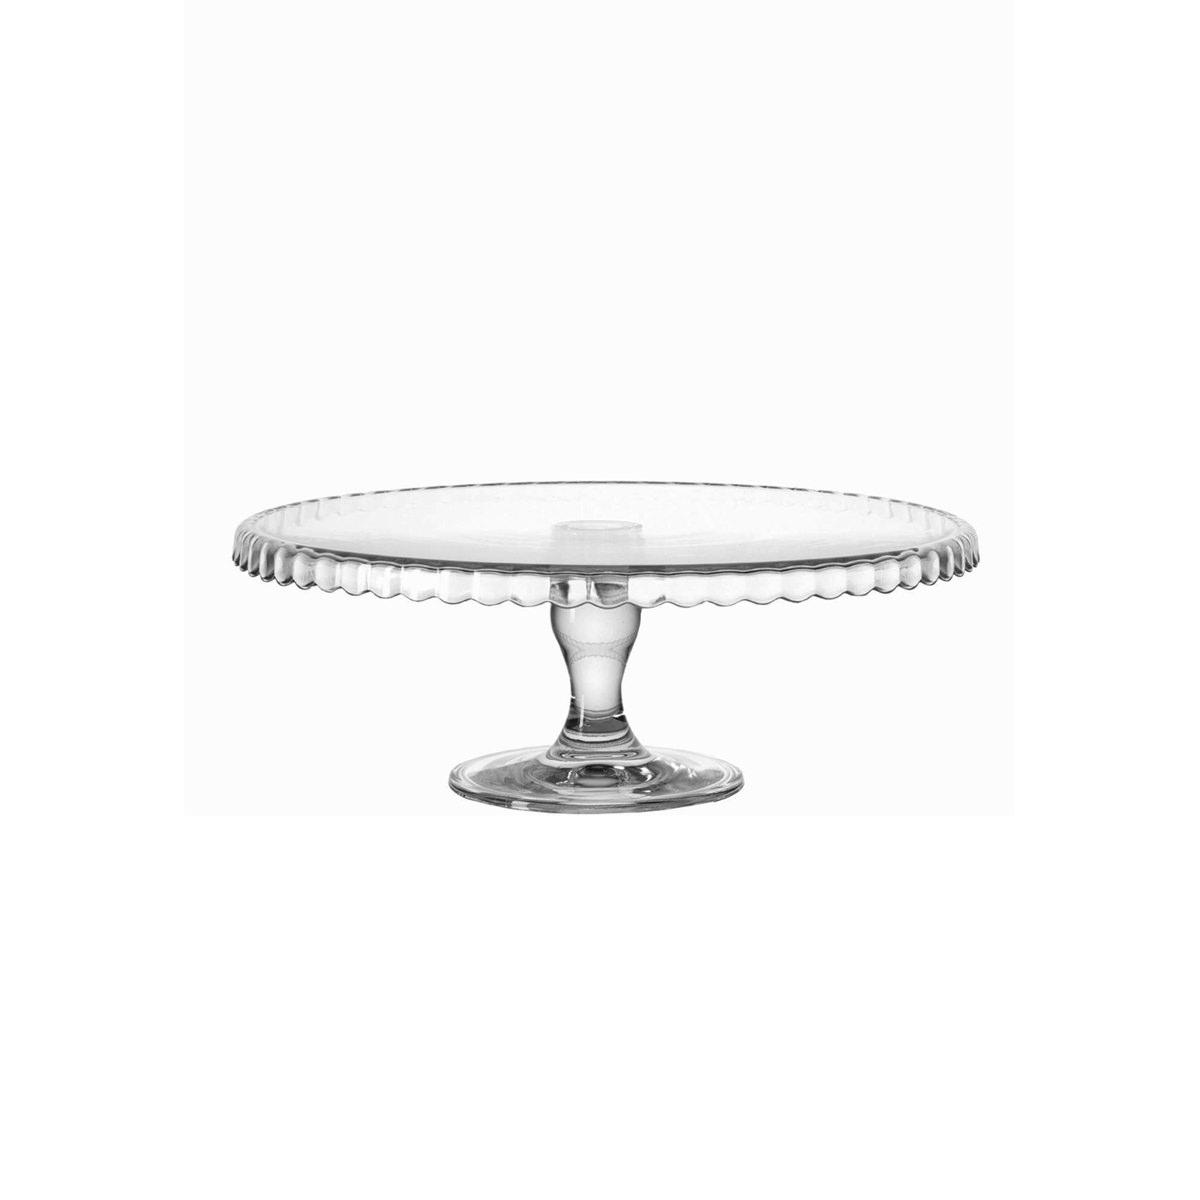 Glas Tortenplatte 32 Cm Durchmesser Jetzt Im Kodi Onlineshop Kaufen